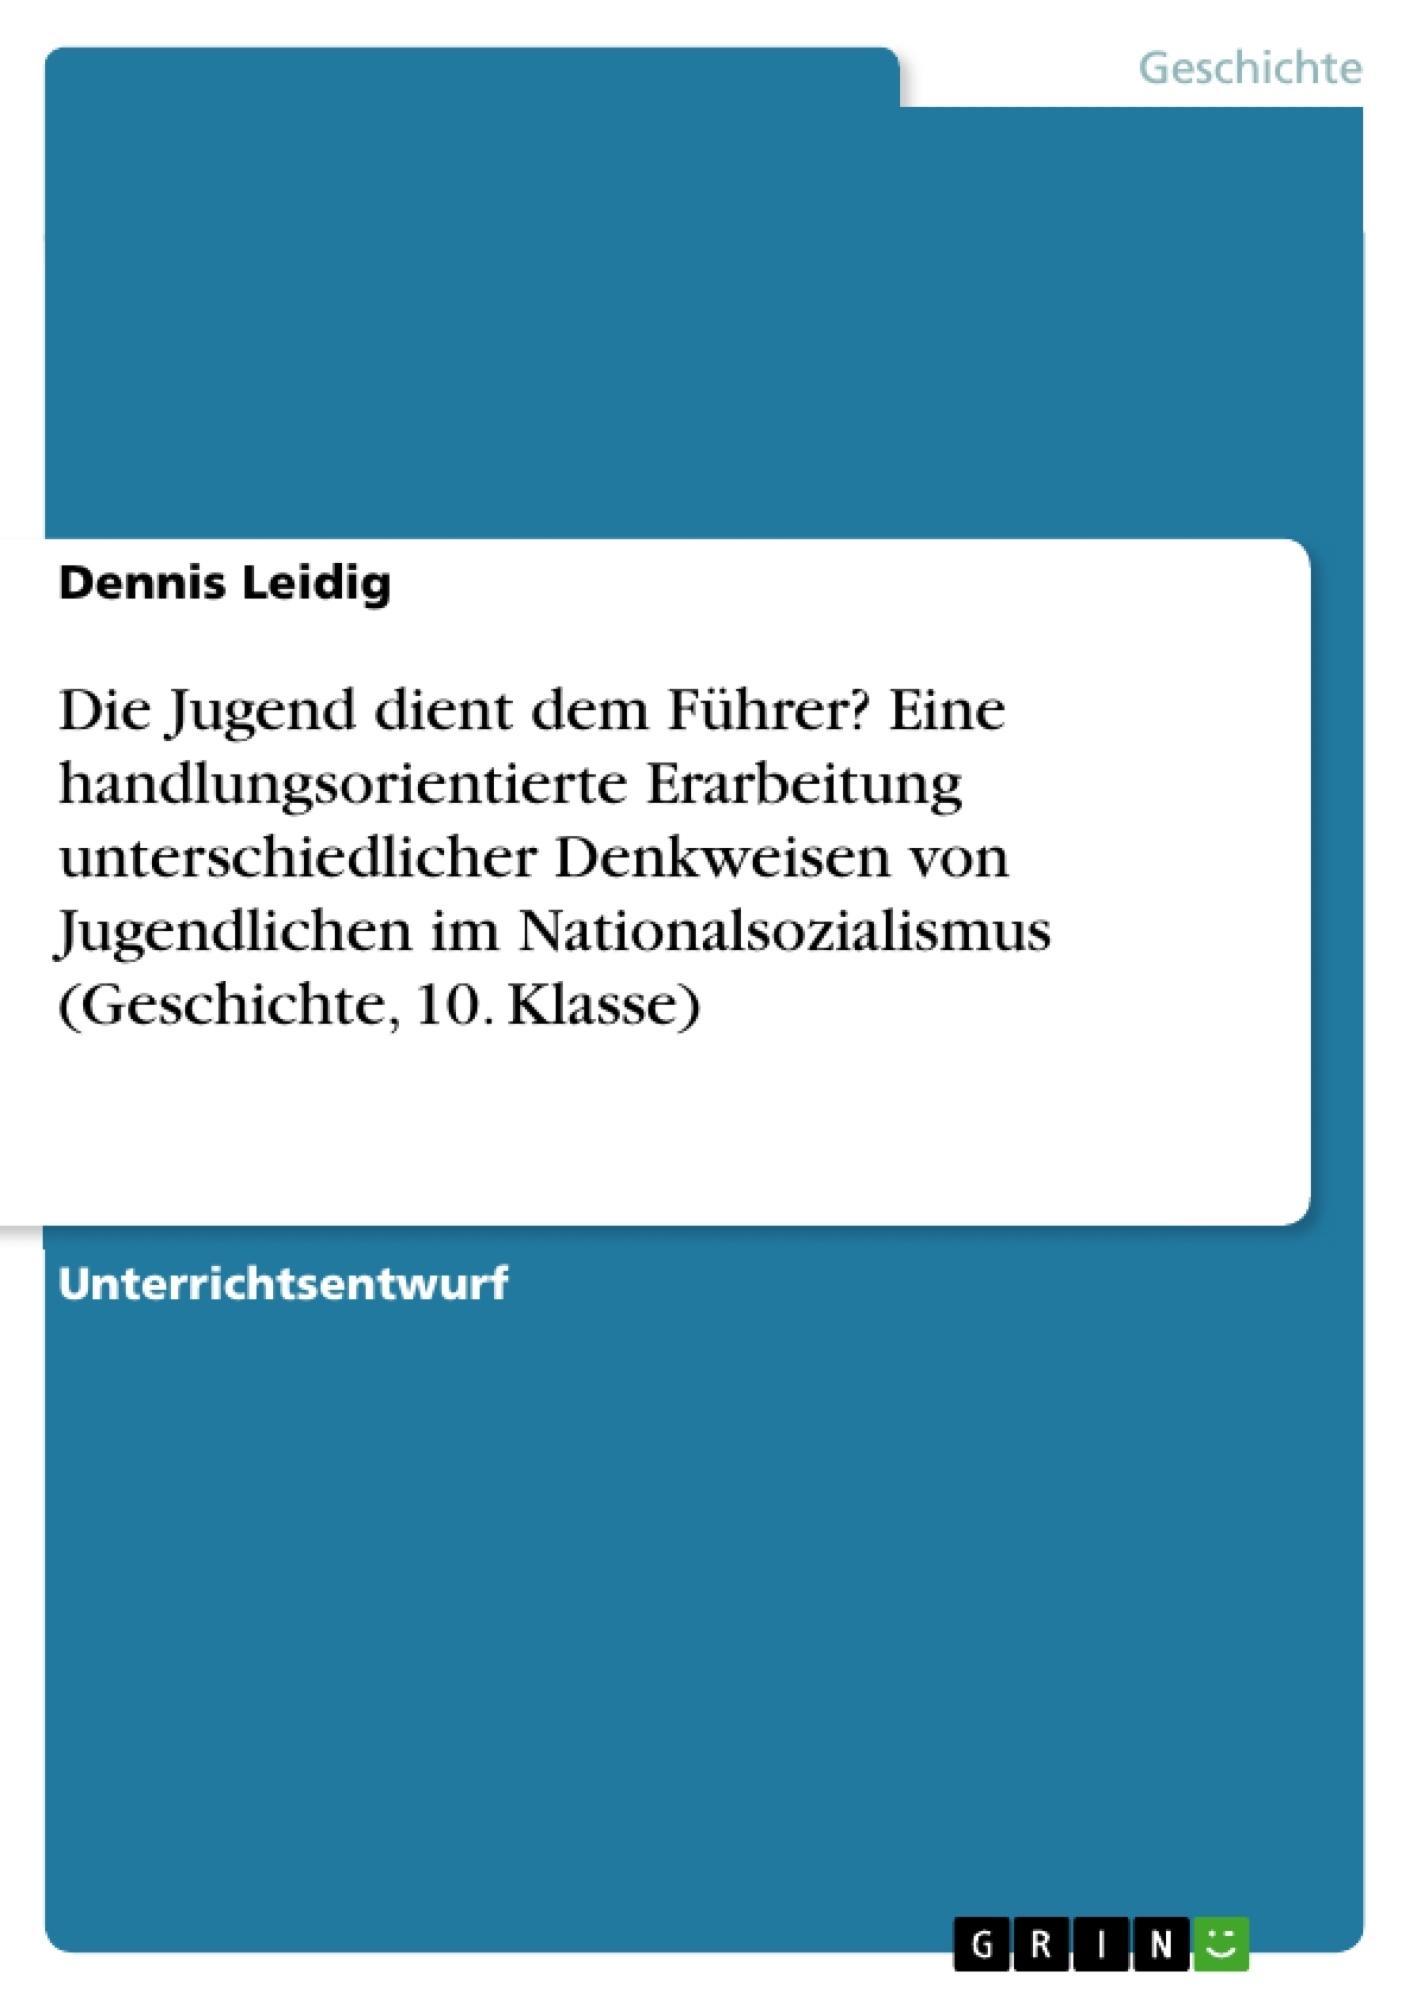 Titel: Die Jugend dient dem Führer? Eine handlungsorientierte Erarbeitung unterschiedlicher Denkweisen von Jugendlichen im Nationalsozialismus (Geschichte, 10. Klasse)